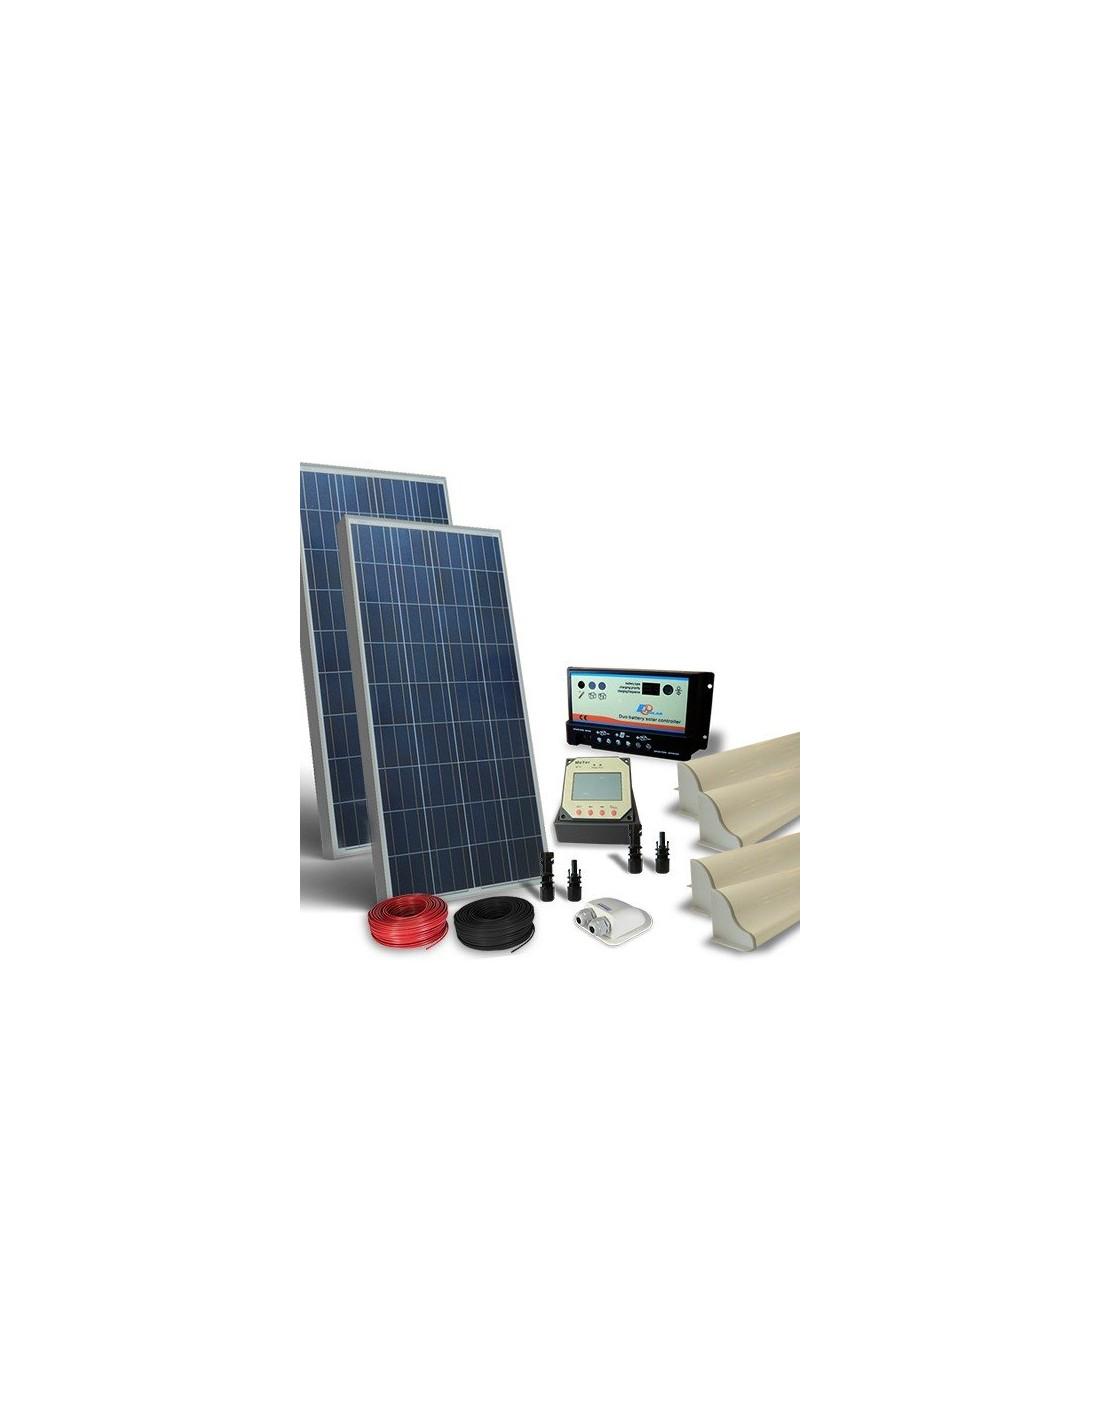 Kit Pannello Solare Offerta : Kit solare camper w v pro pannello fotovoltaico